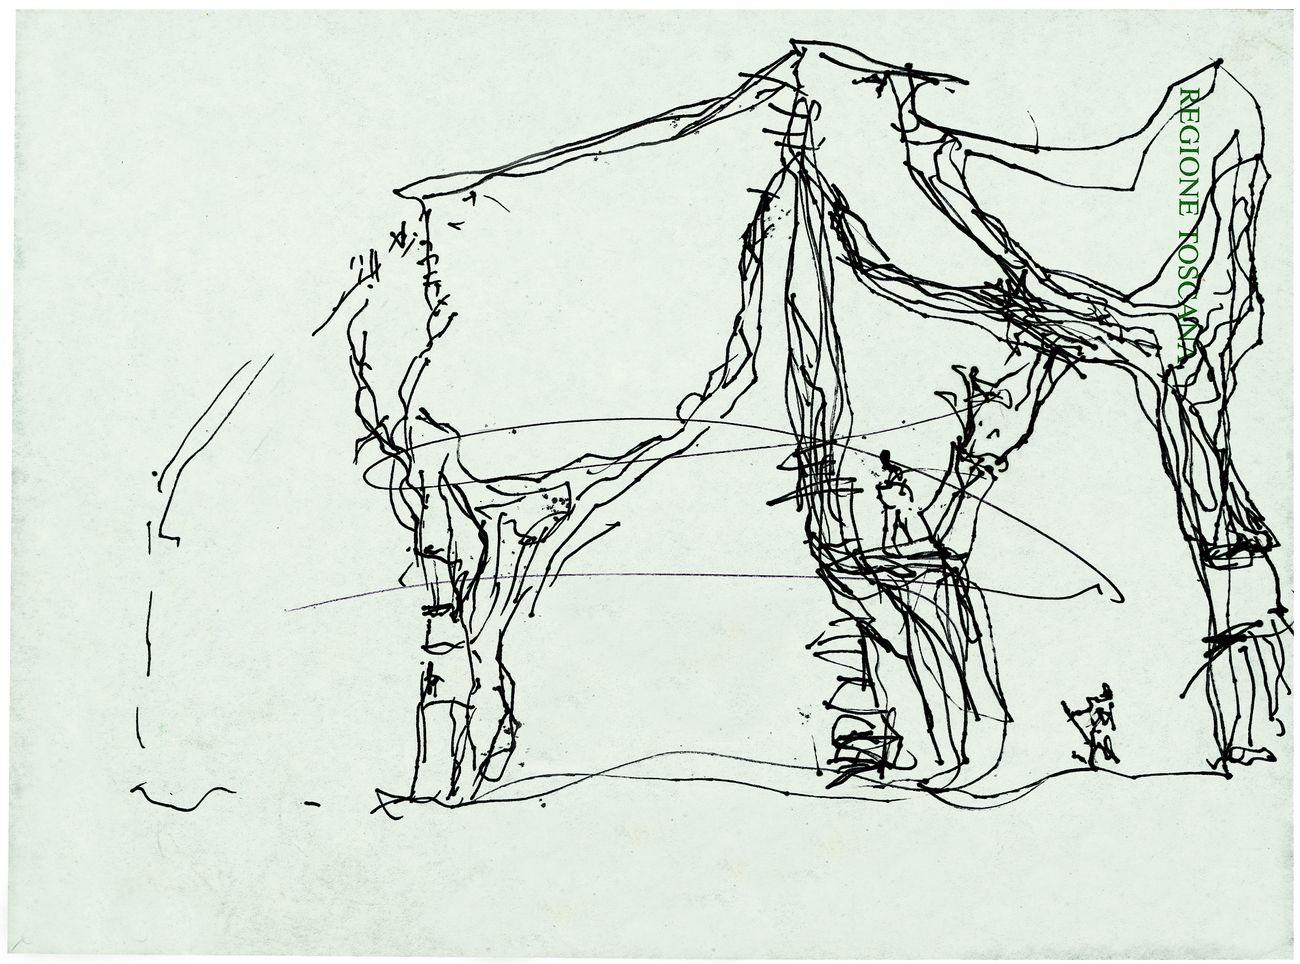 Giardino-degli-Incontri.-Schizzo-progettuale-1987-©-Archivio-Fondazione-Michelucci